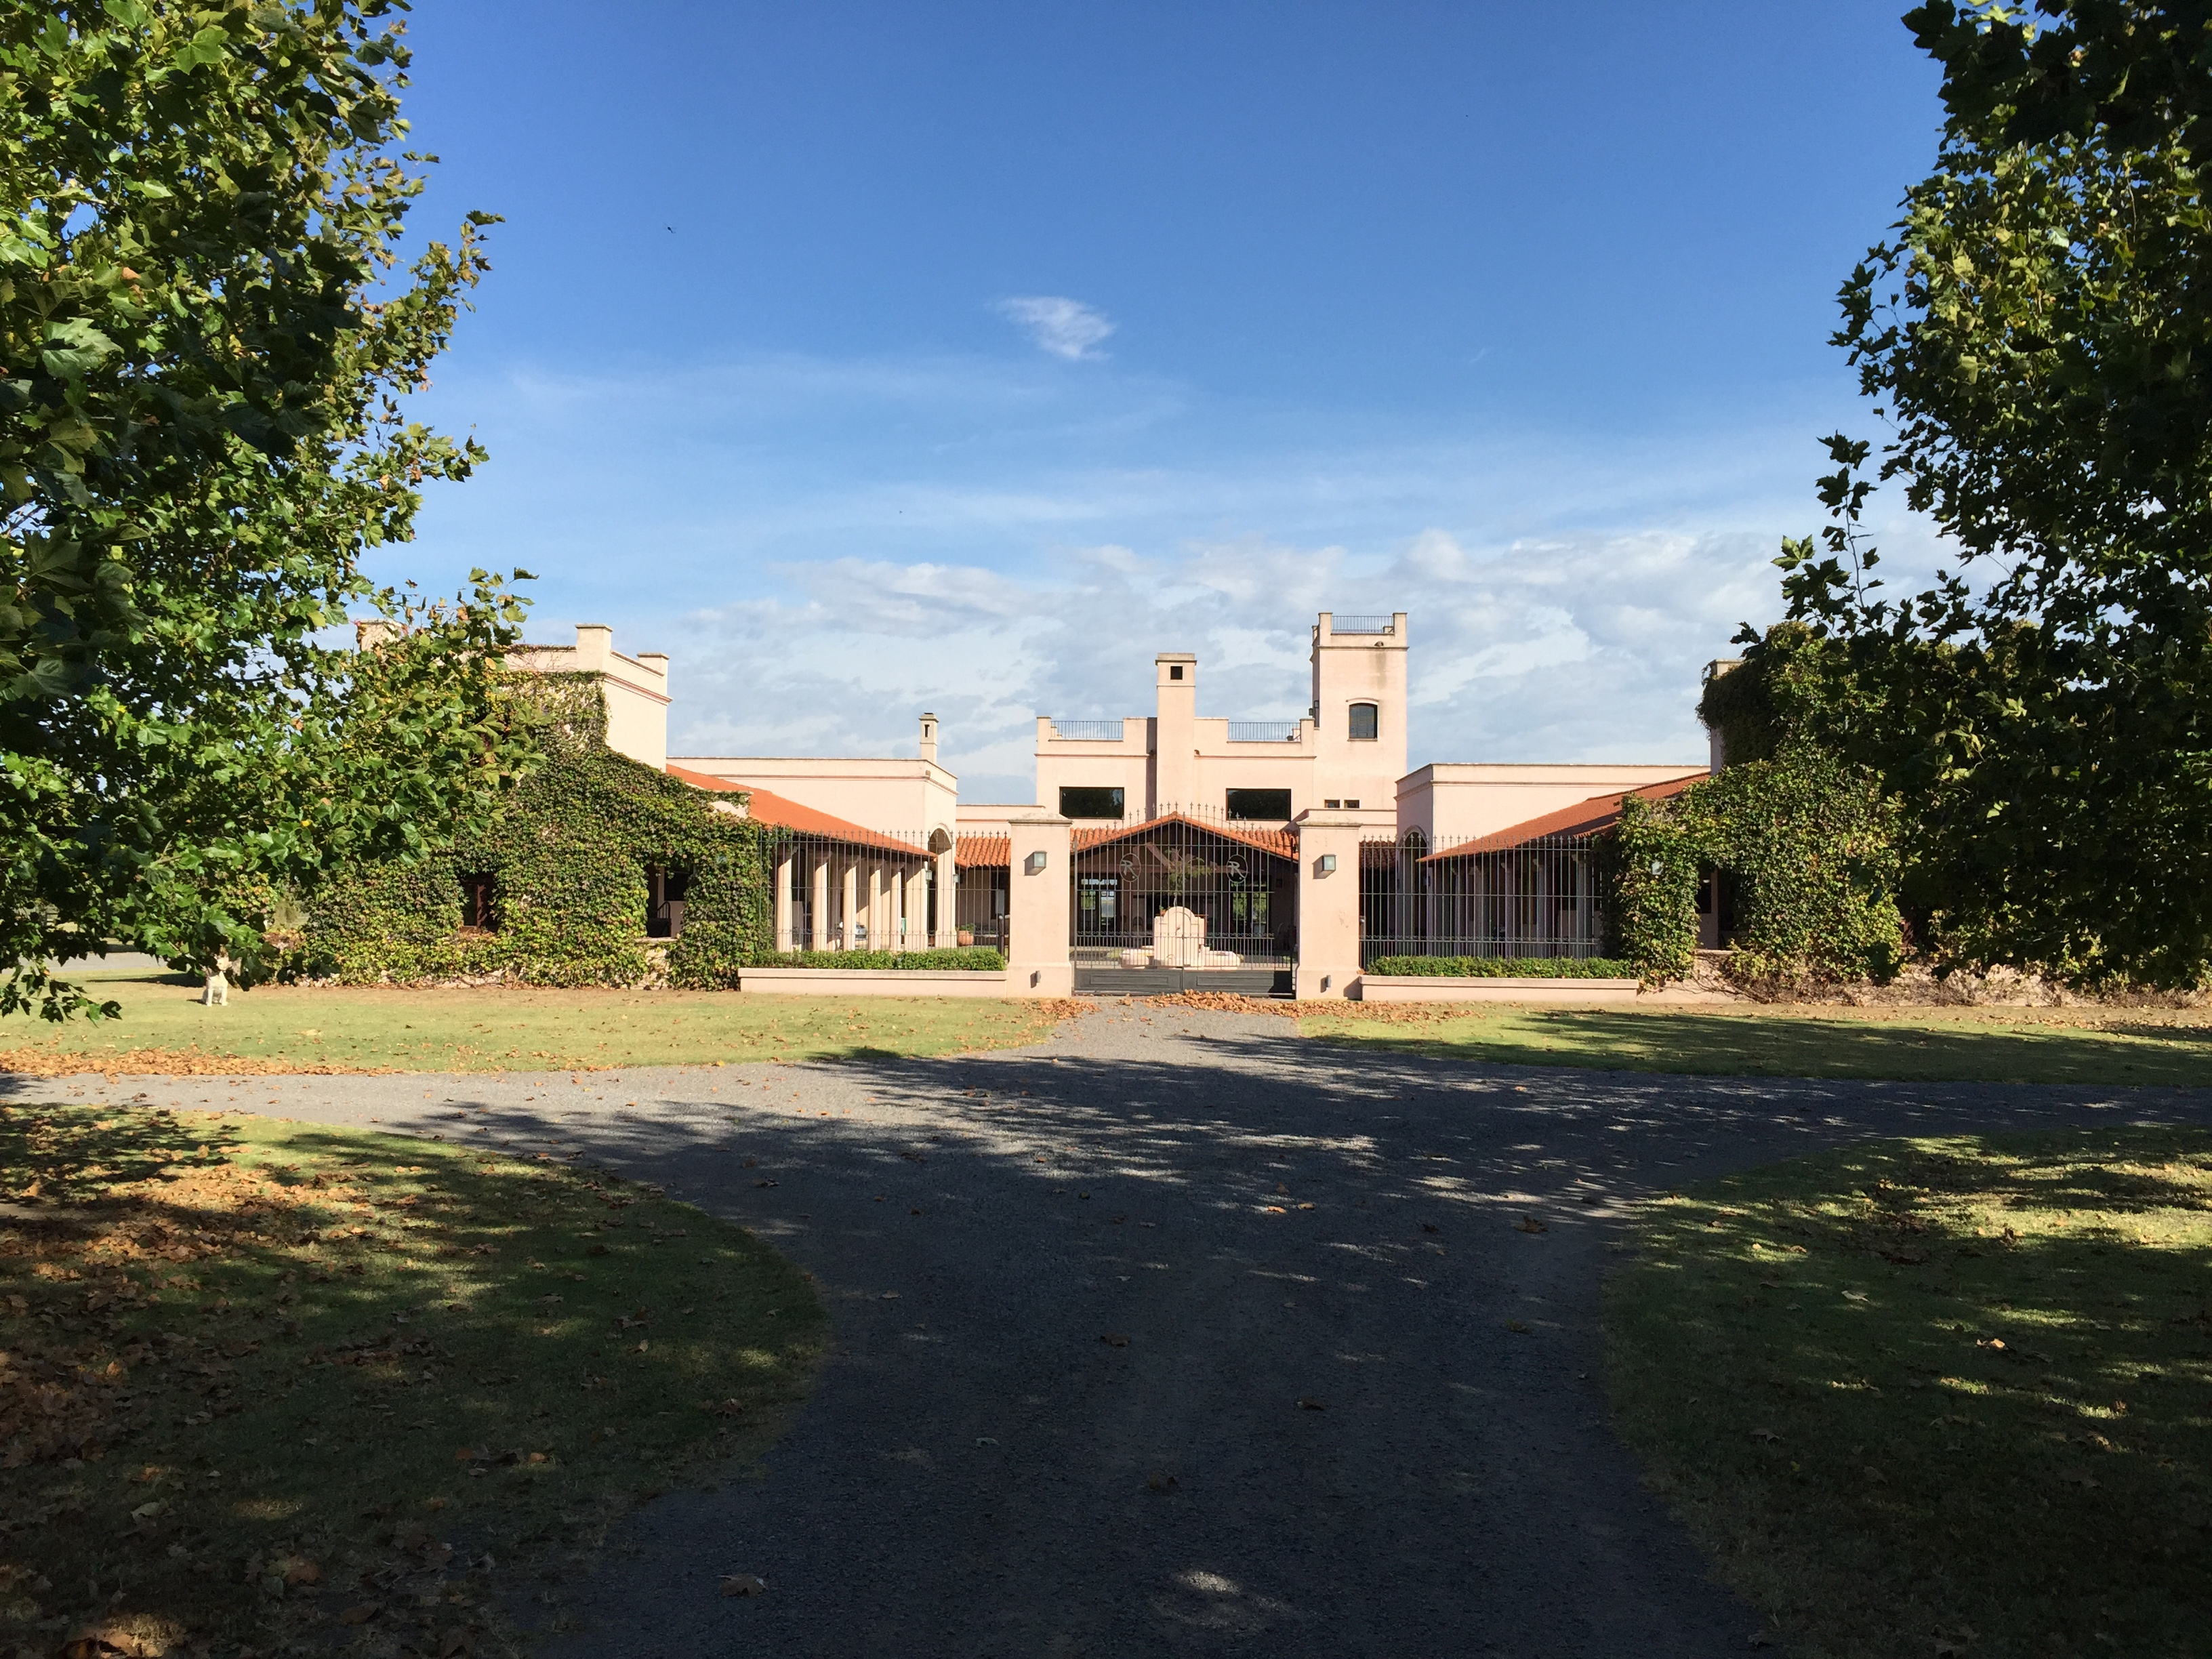 Fazenda / Quinta / Rancho / Plantação para Venda às Santa María de Lobos Polo Ranch Buenos Aires, Buenos Aires, Argentina